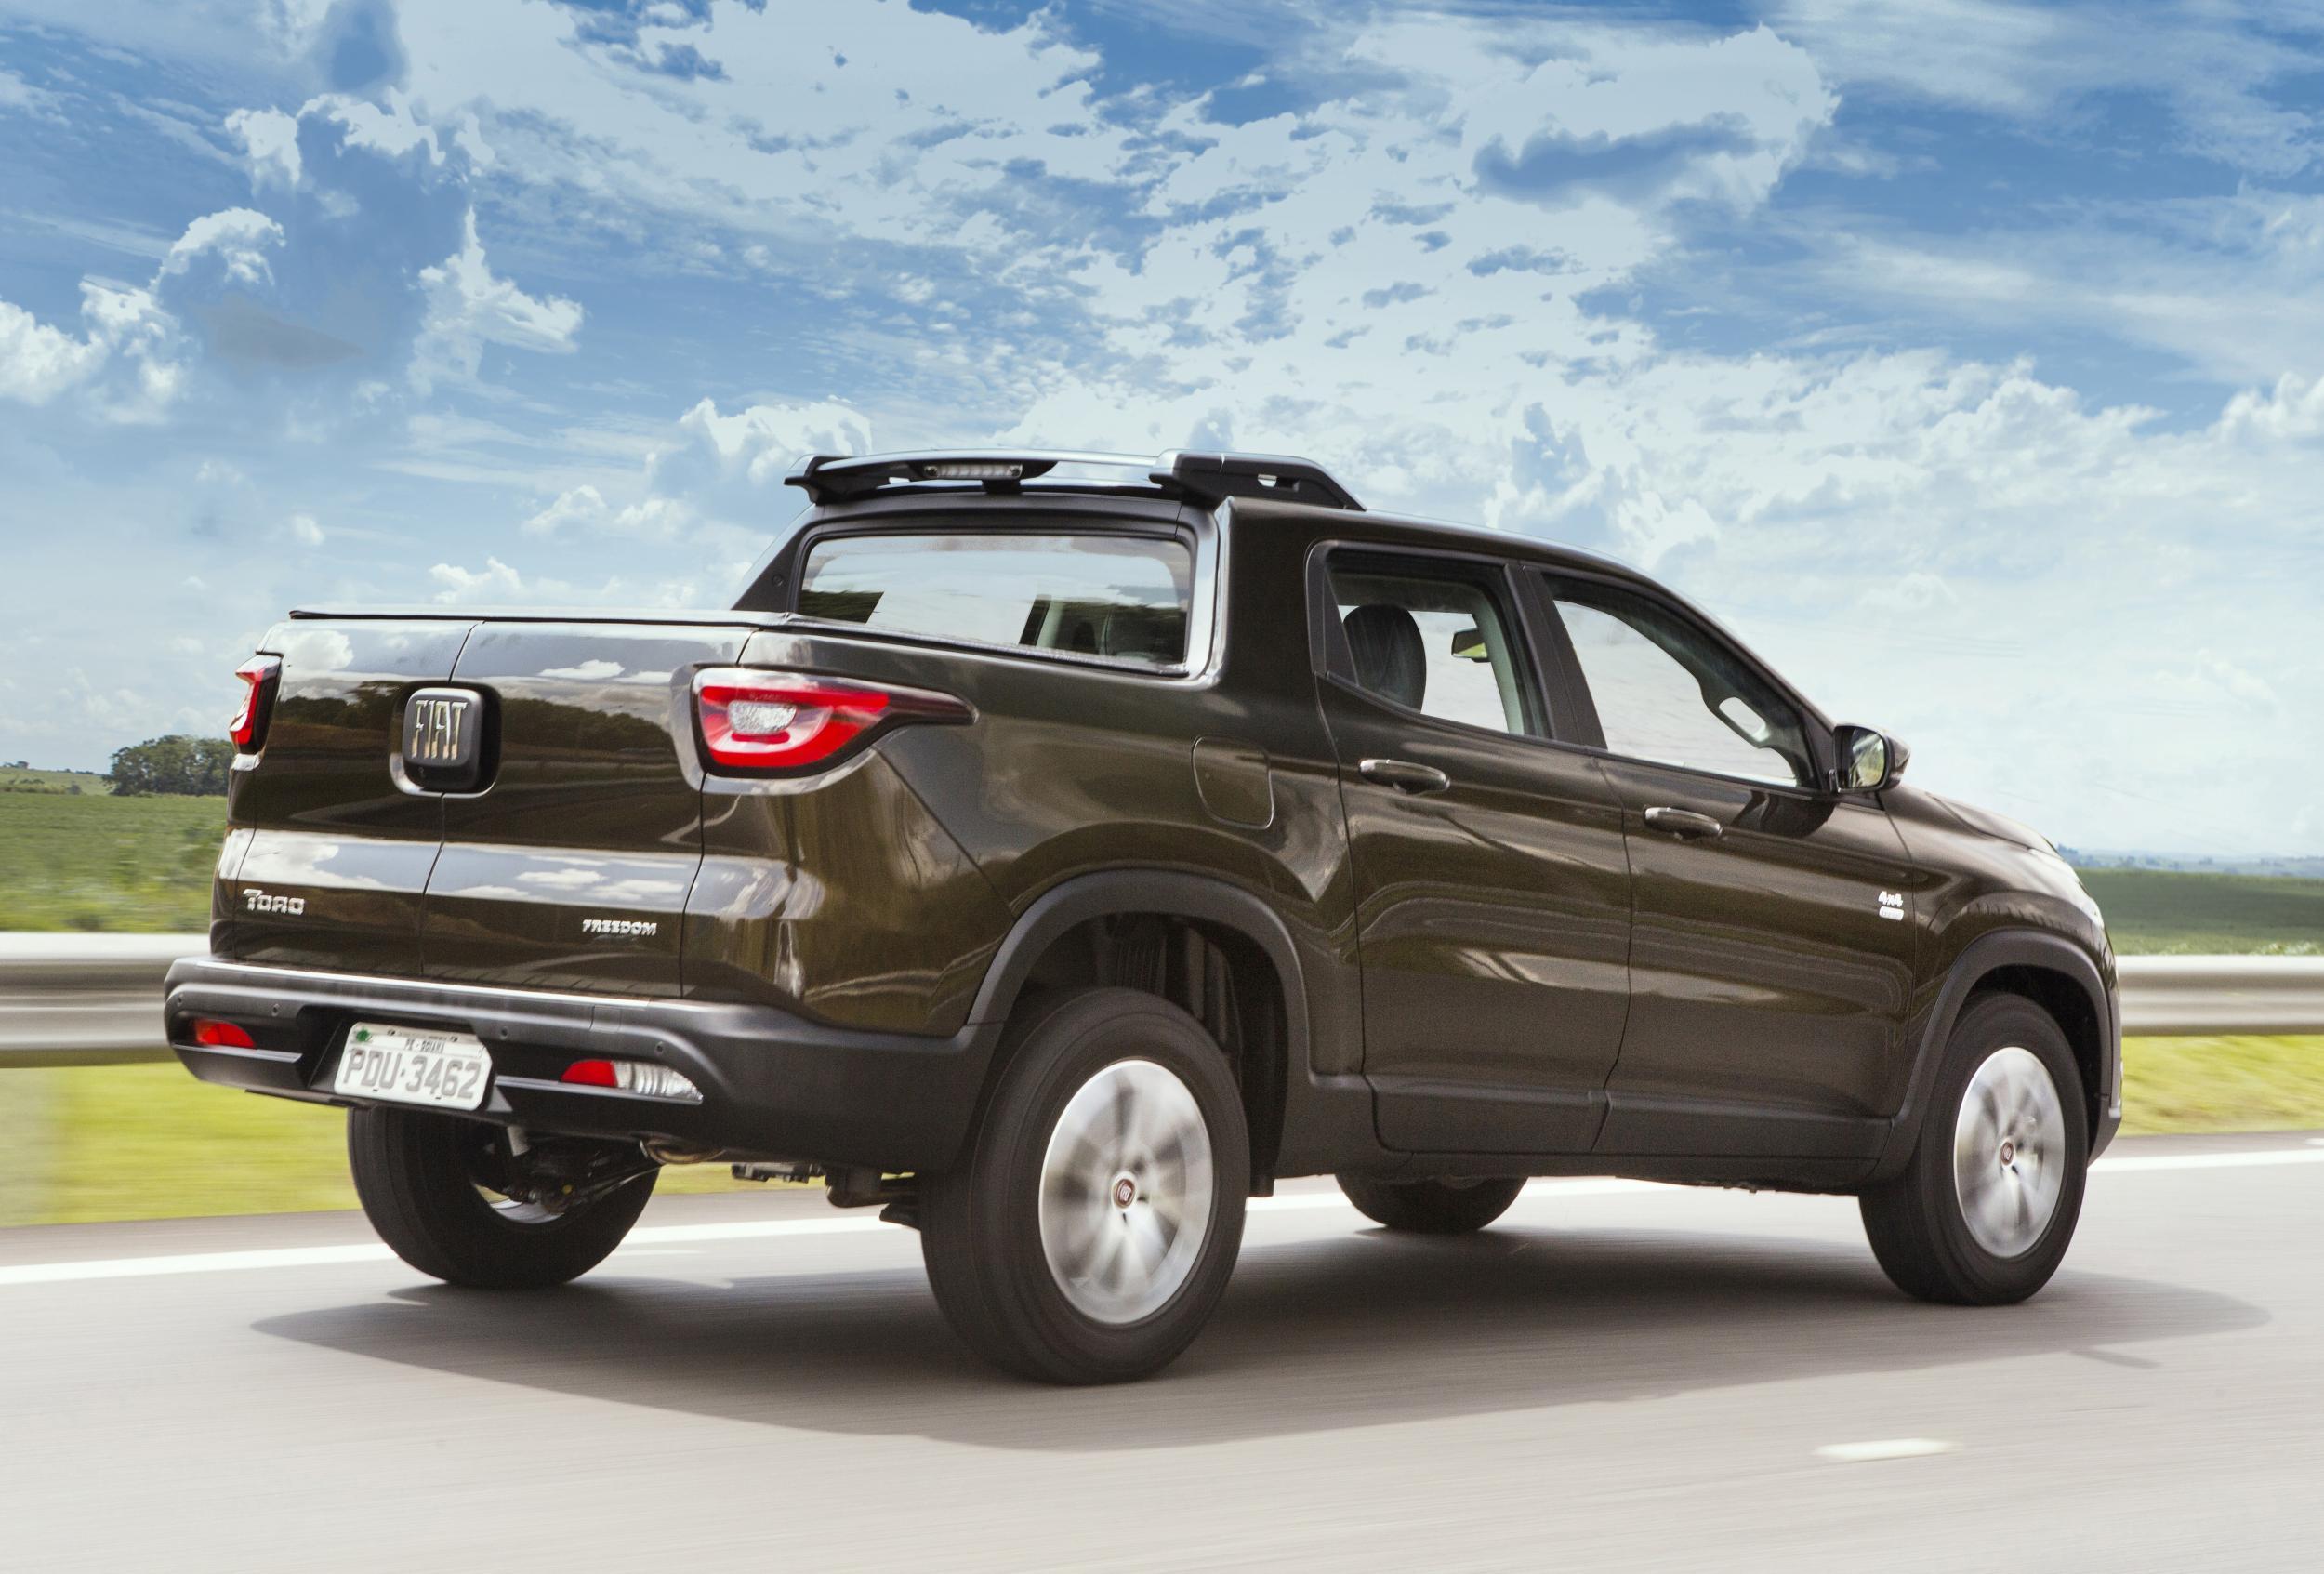 Fiat Toro Freedom 2.0 diesel 4x2